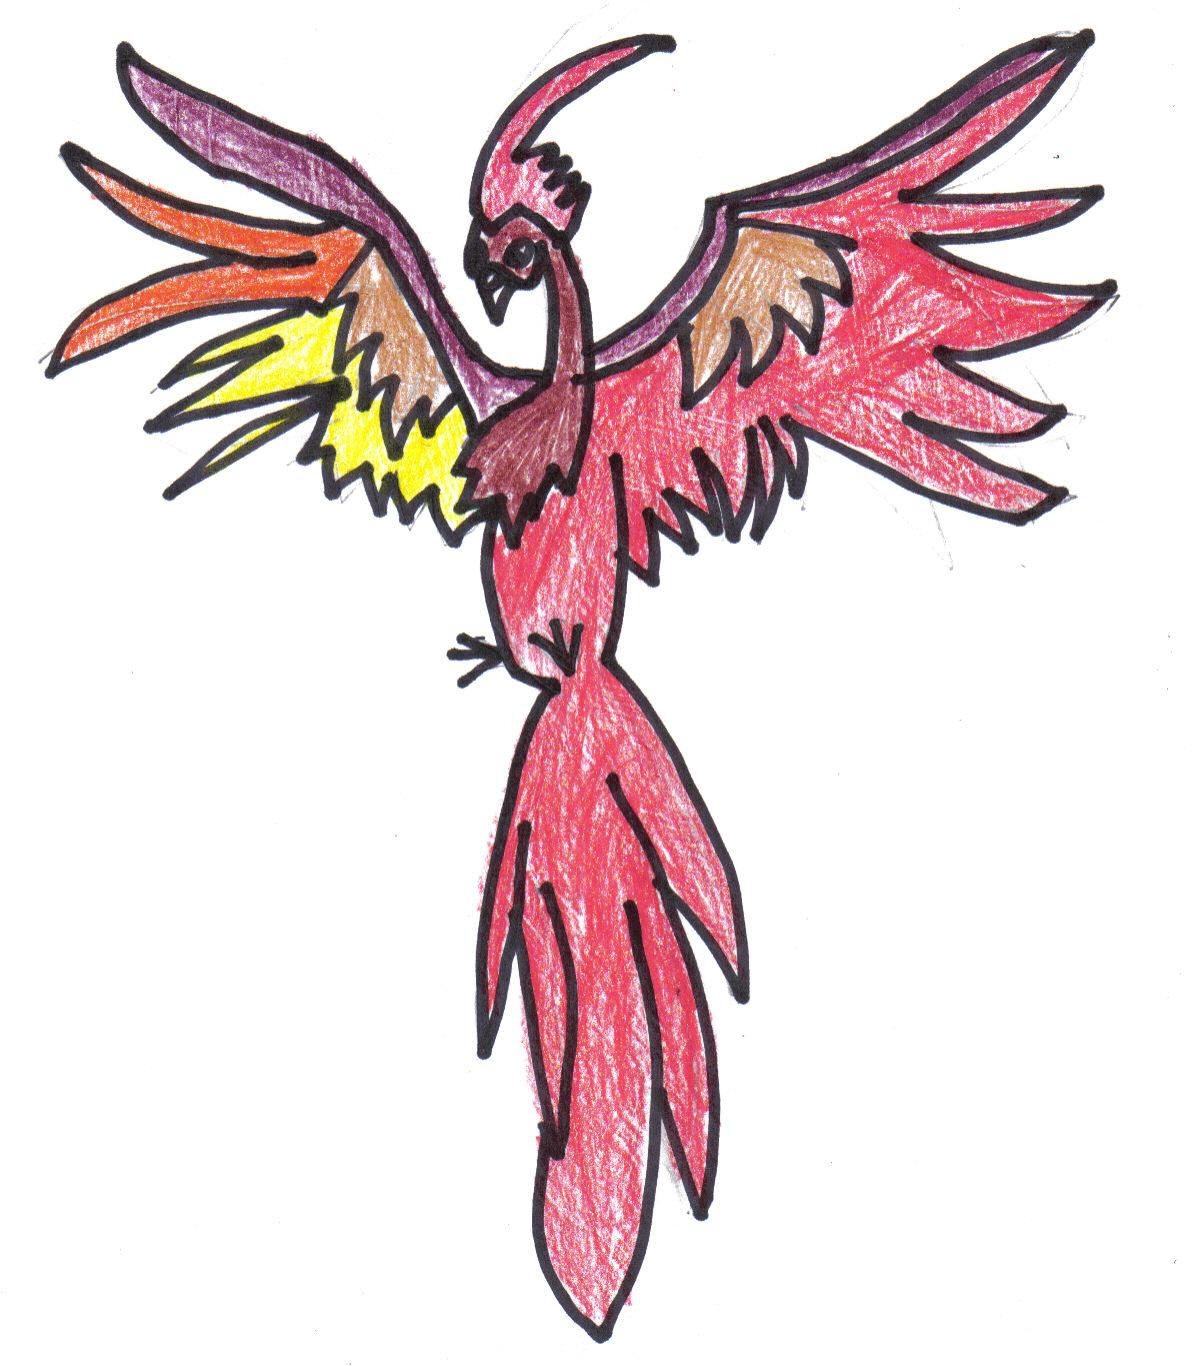 Phoenix by MALCOLMYOBSESSER by - 584.4KB